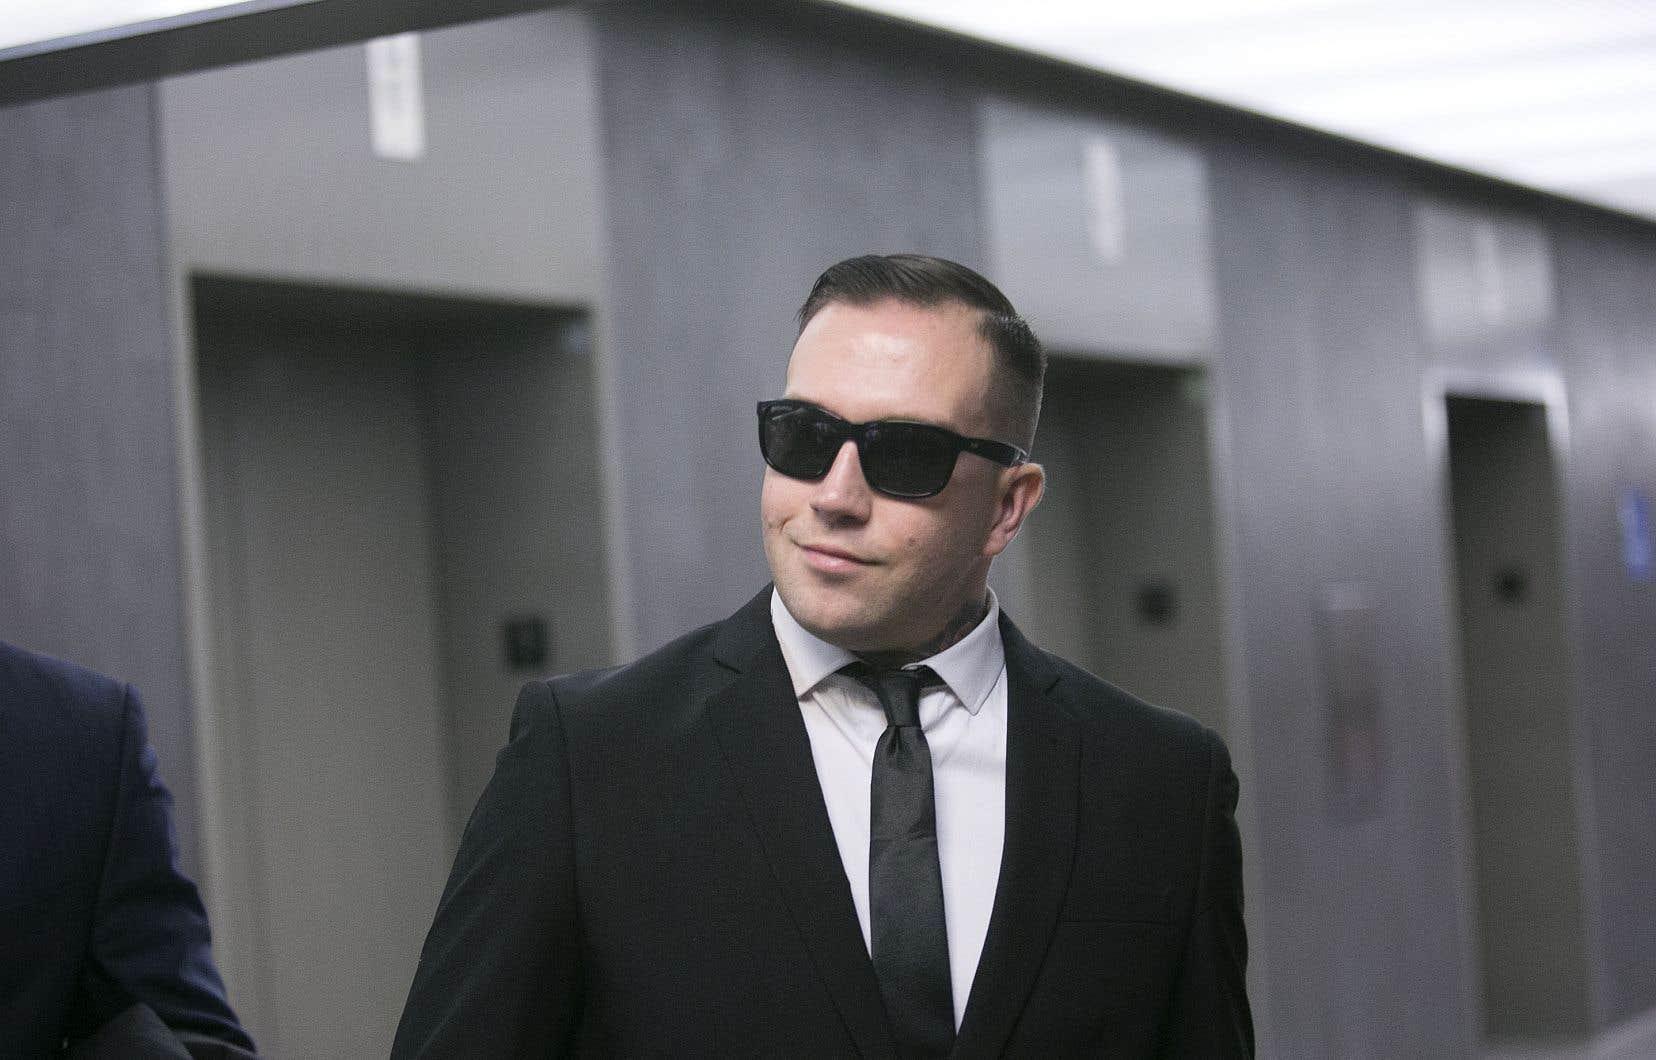 Raphaël Lévesque, le leader du groupe de droite identitaire Atalante